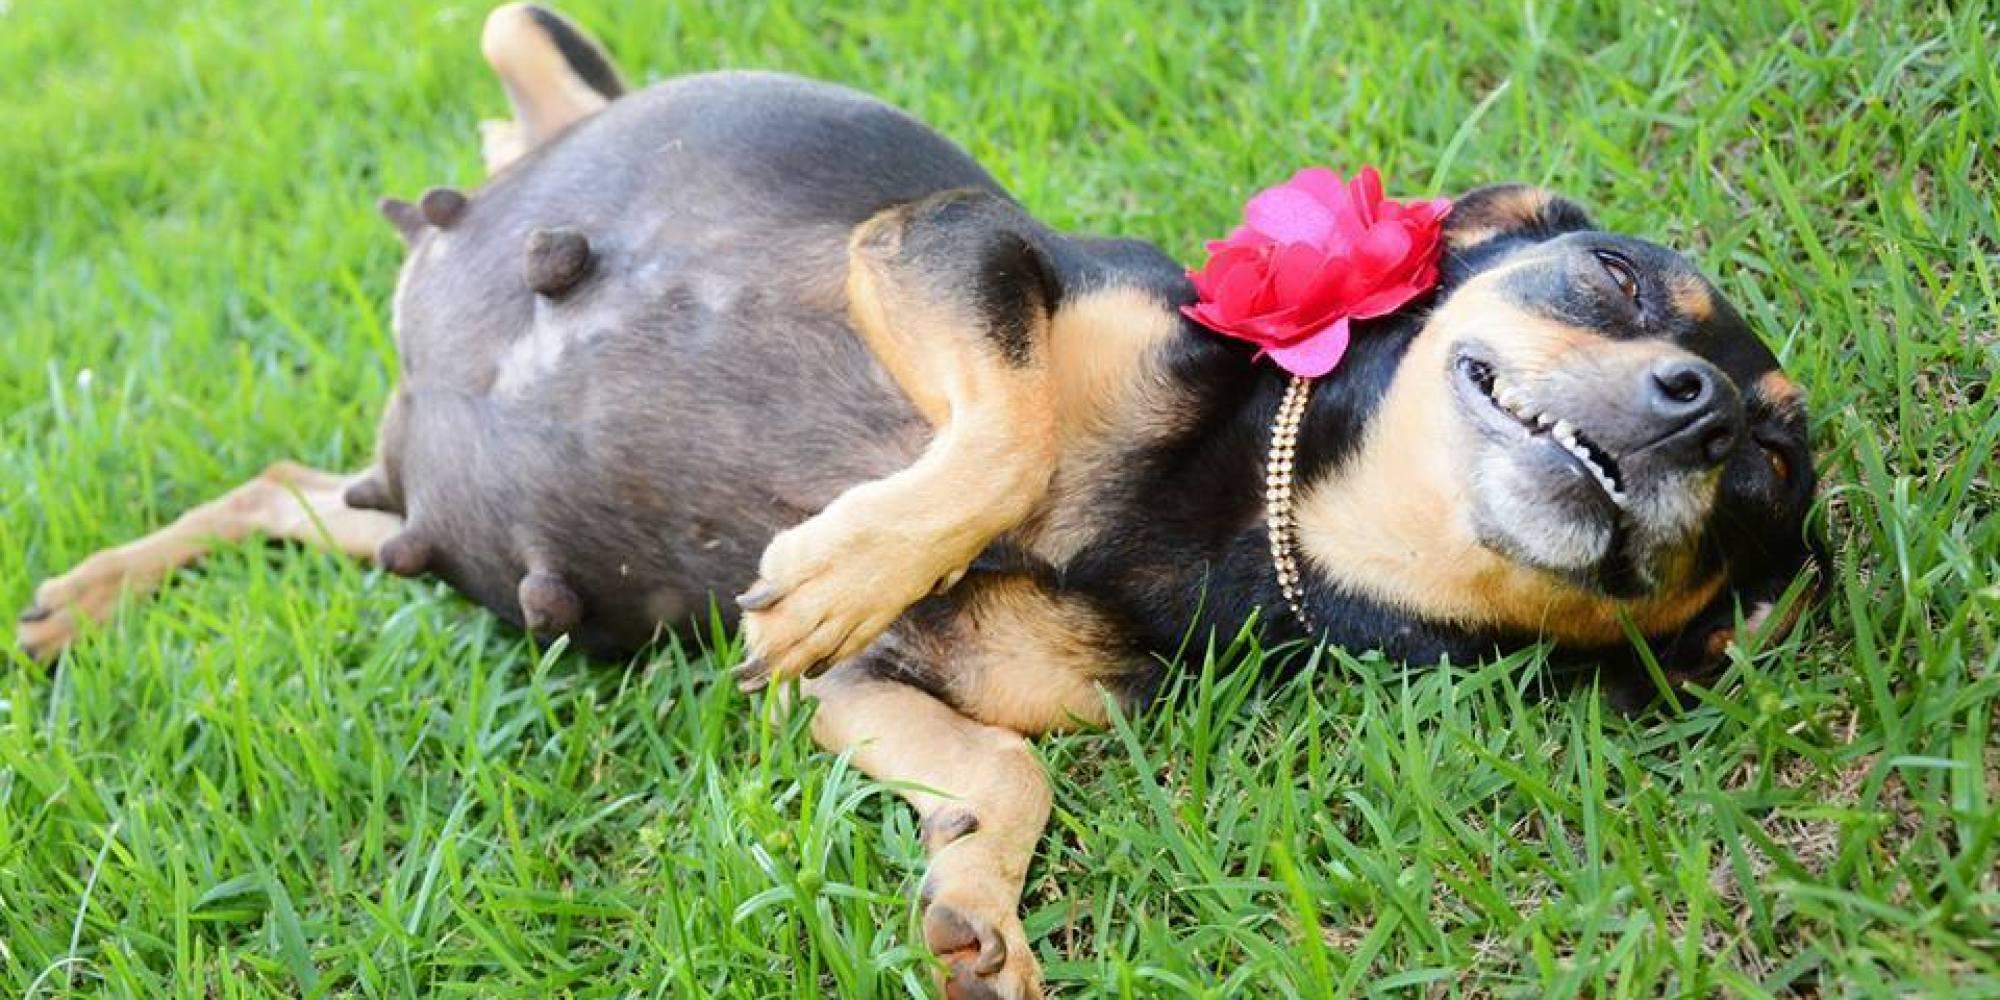 Gestação de cachorra - Duração, fases e cuidados com o animal